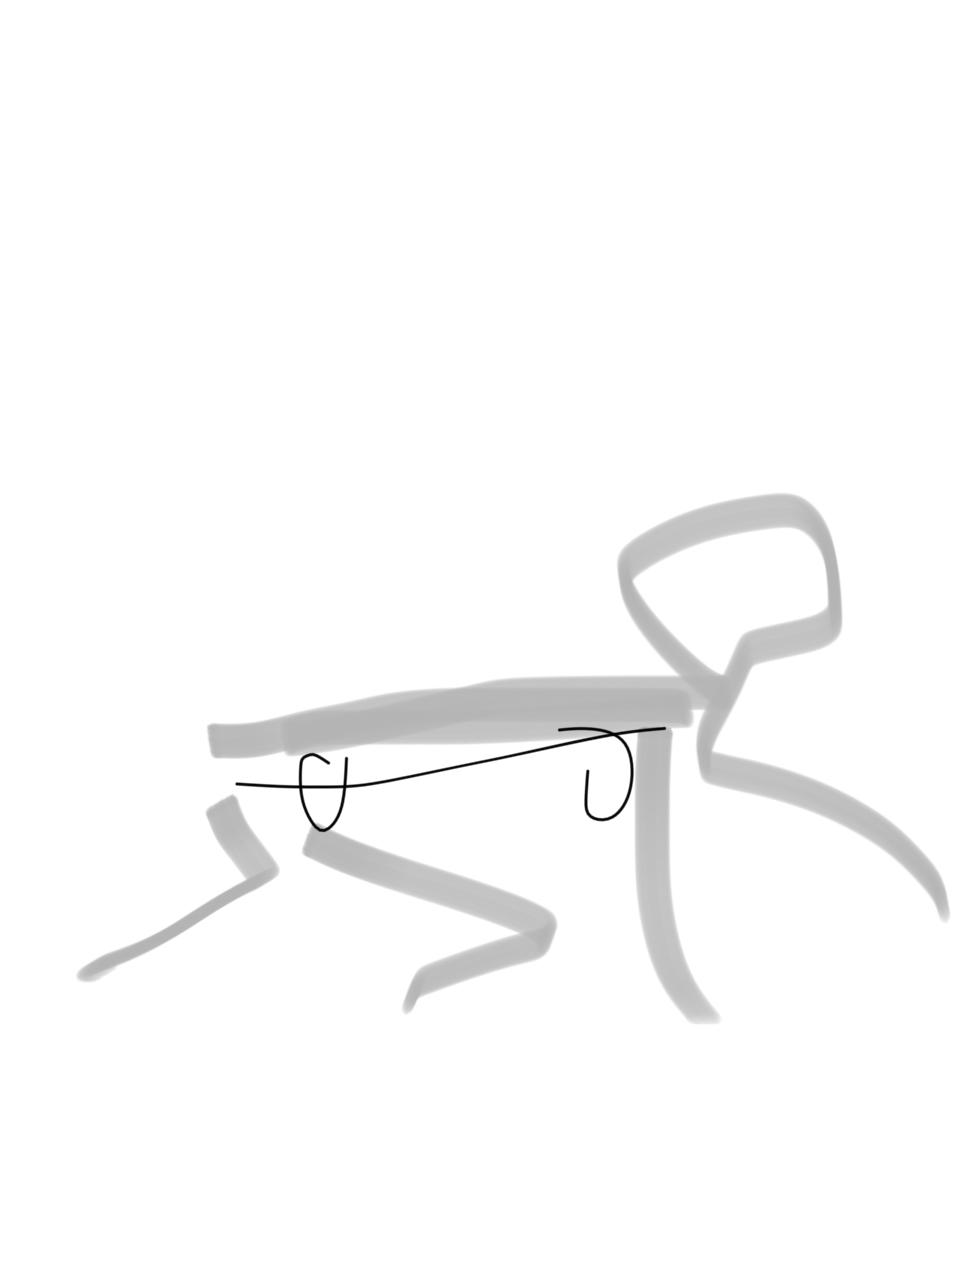 Initial concept sketch for SFTB#9